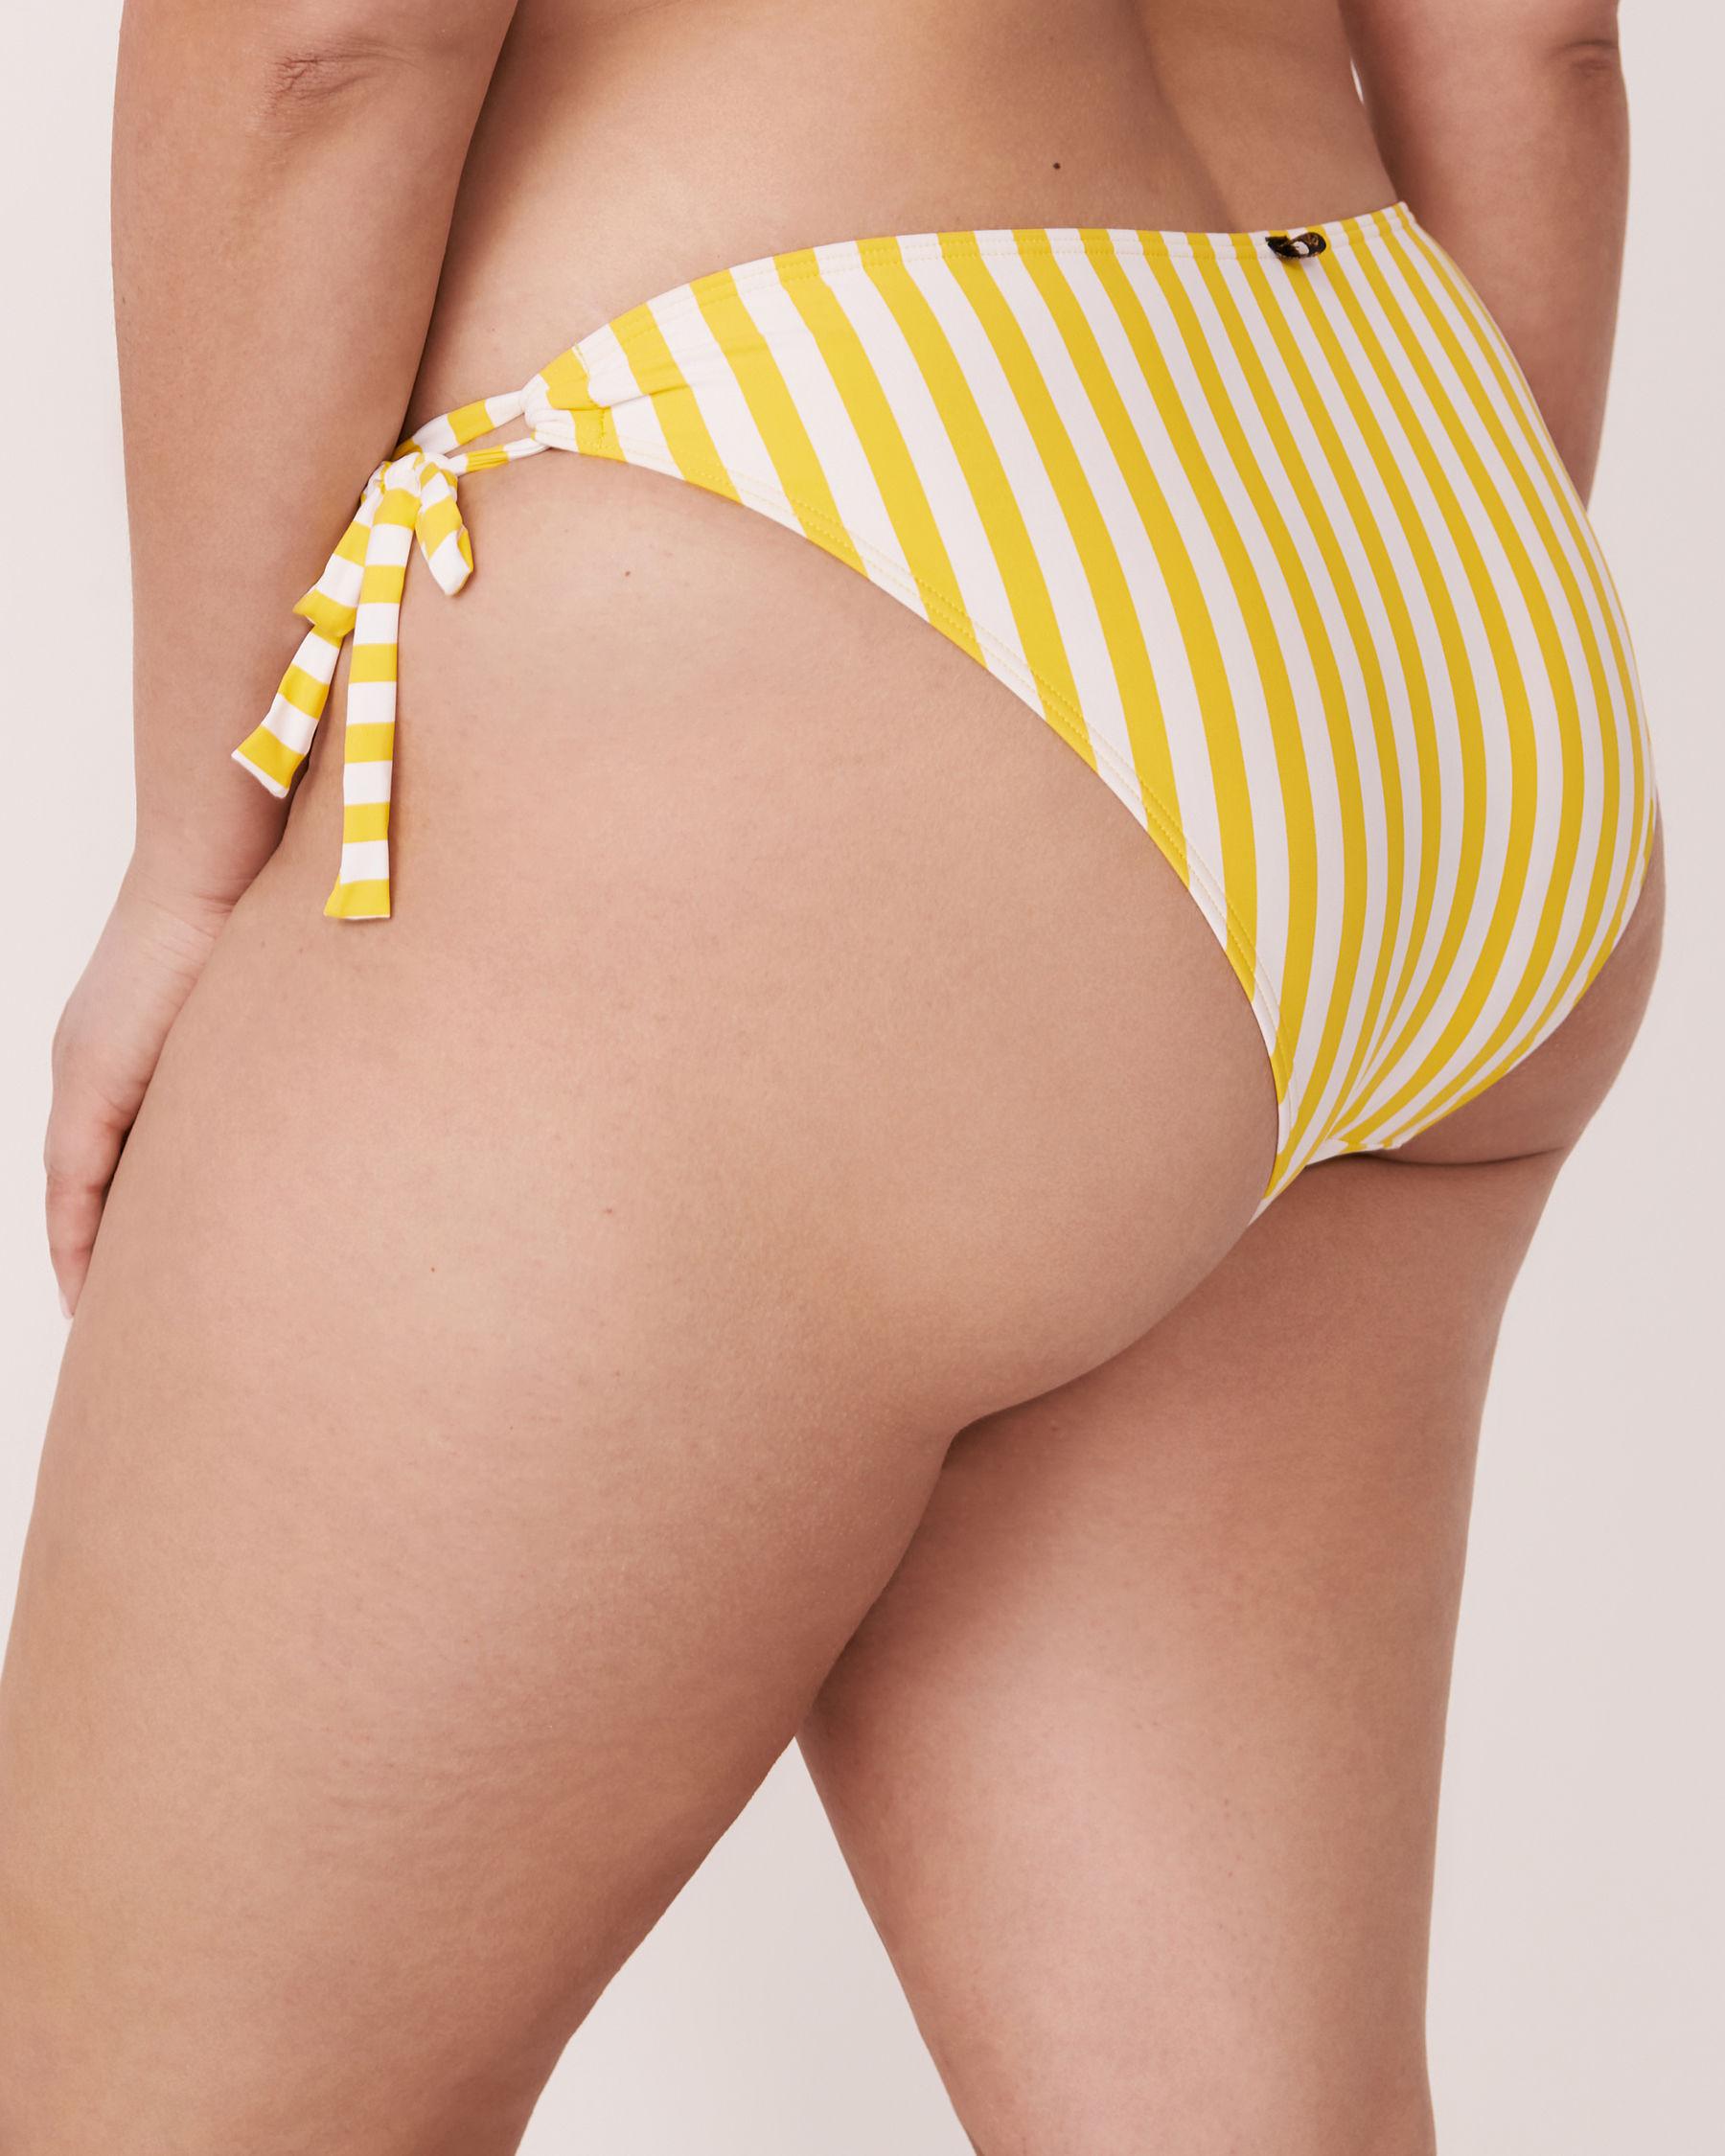 LA VIE EN ROSE AQUA Bas de bikini brésilien en fibres recyclées YELLOW SUBMARINE Rayures jaunes et blanches 70300096 - Voir2